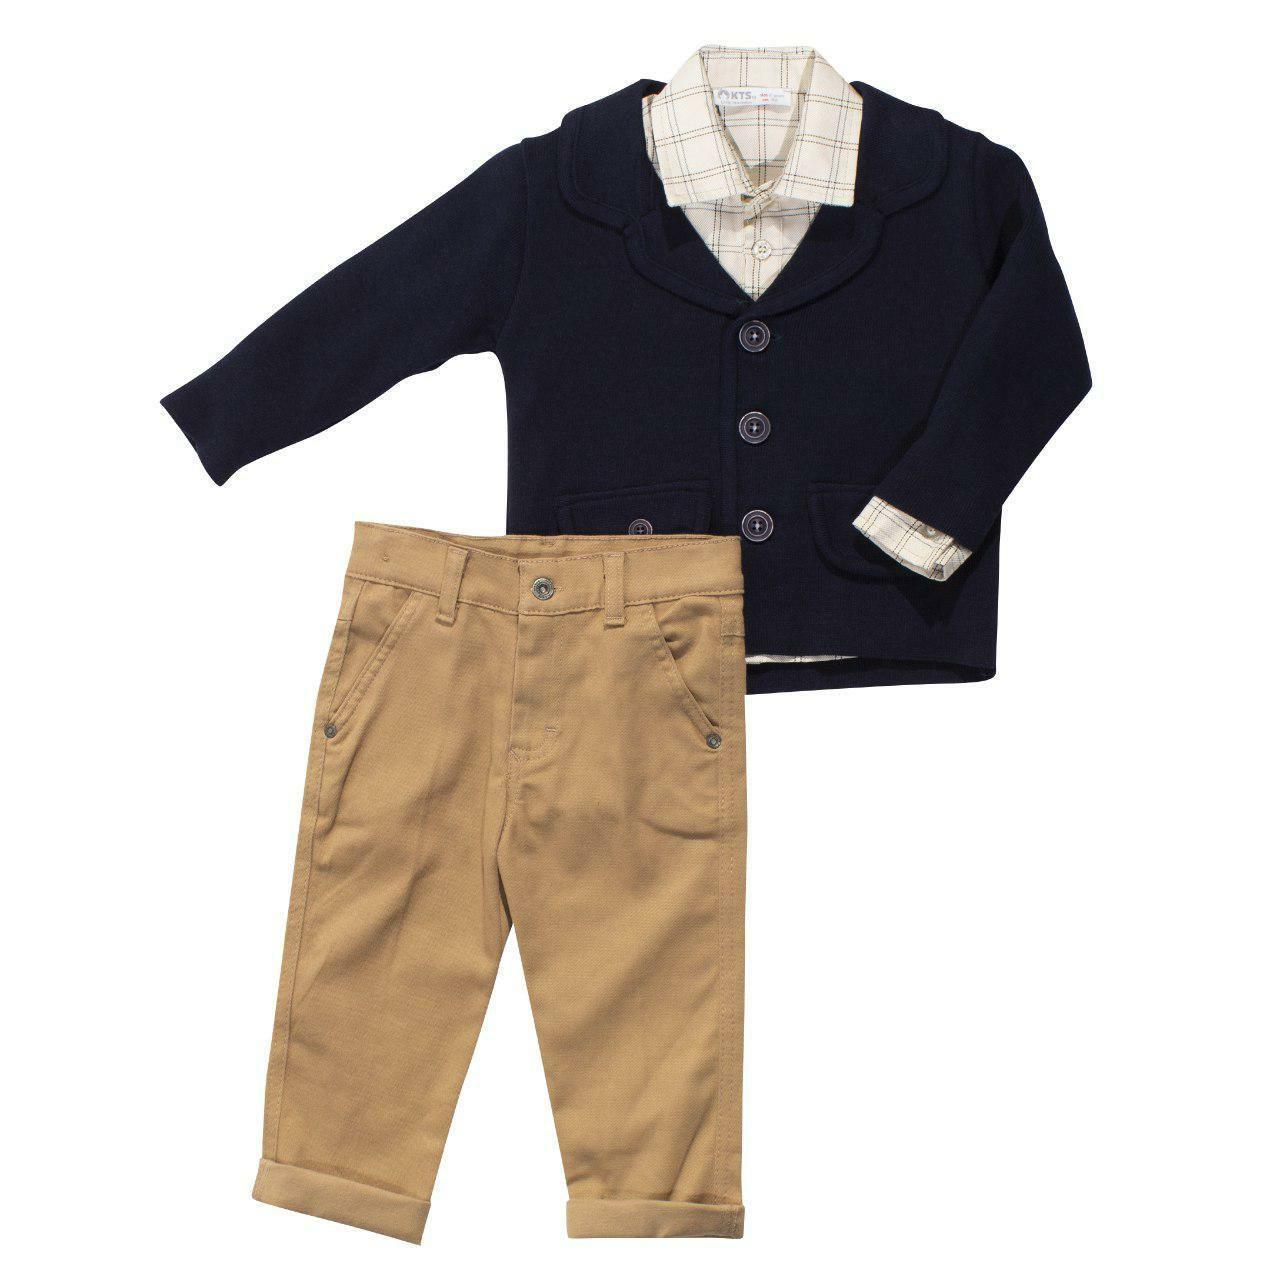 Костюм для хлопчика з трьох предметів, розміри 3 роки, 5 років